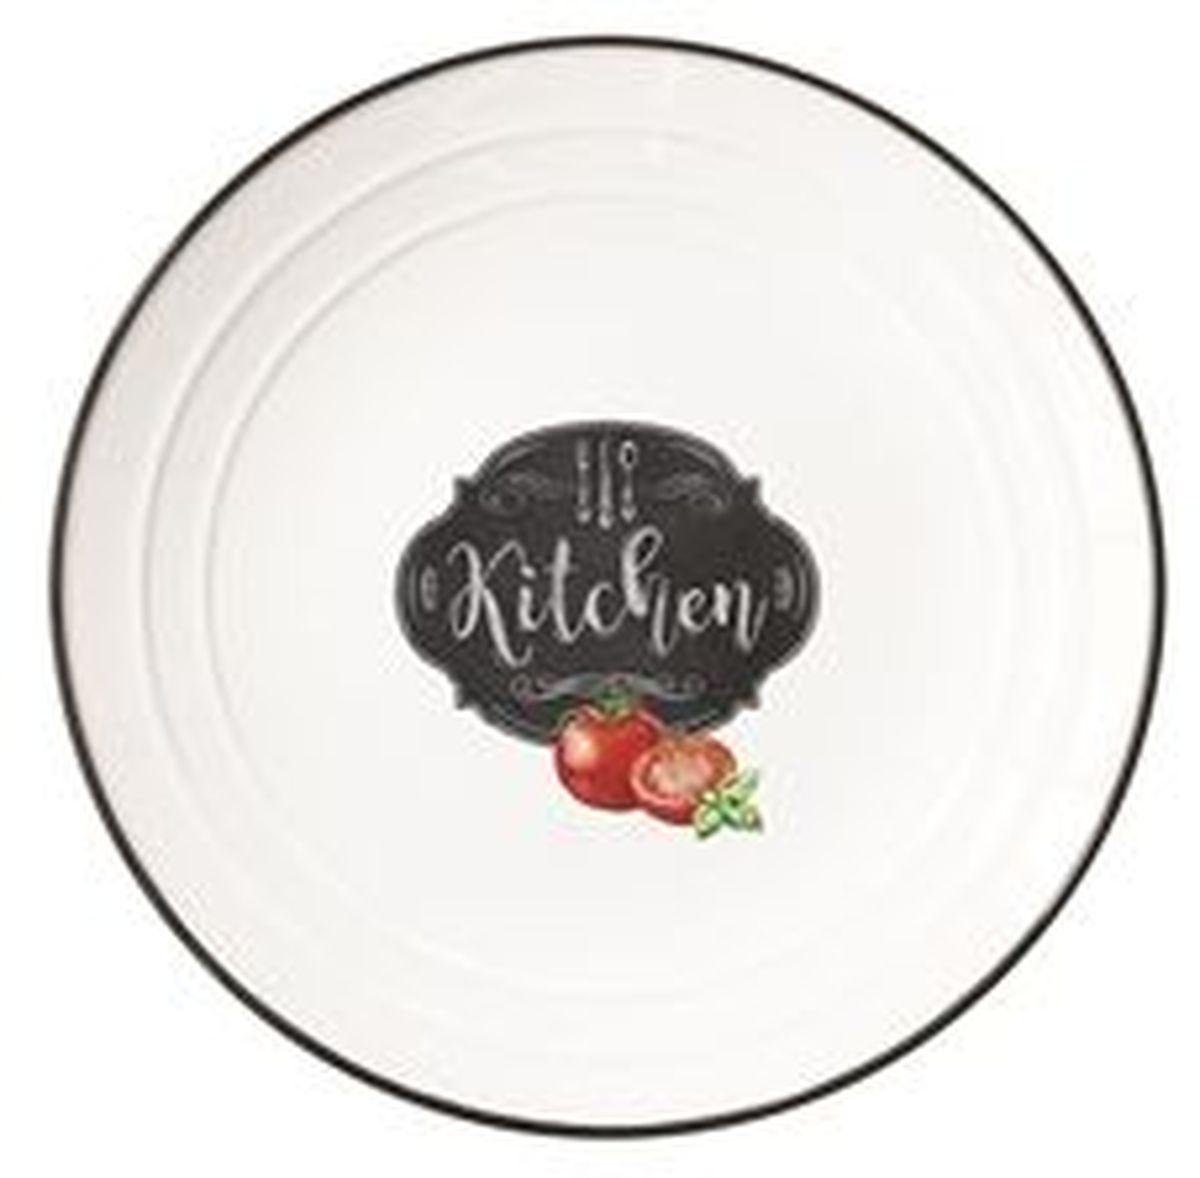 Тарелка Easy Life Кухня, диаметр 21,5 см1623KIBKТарелка Easy Life Кухня изготовлена из высококачественного фарфора.Тарелка имеет оригинальный дизайн, а высокое качество и практичность позволят использовать ее долгое время.